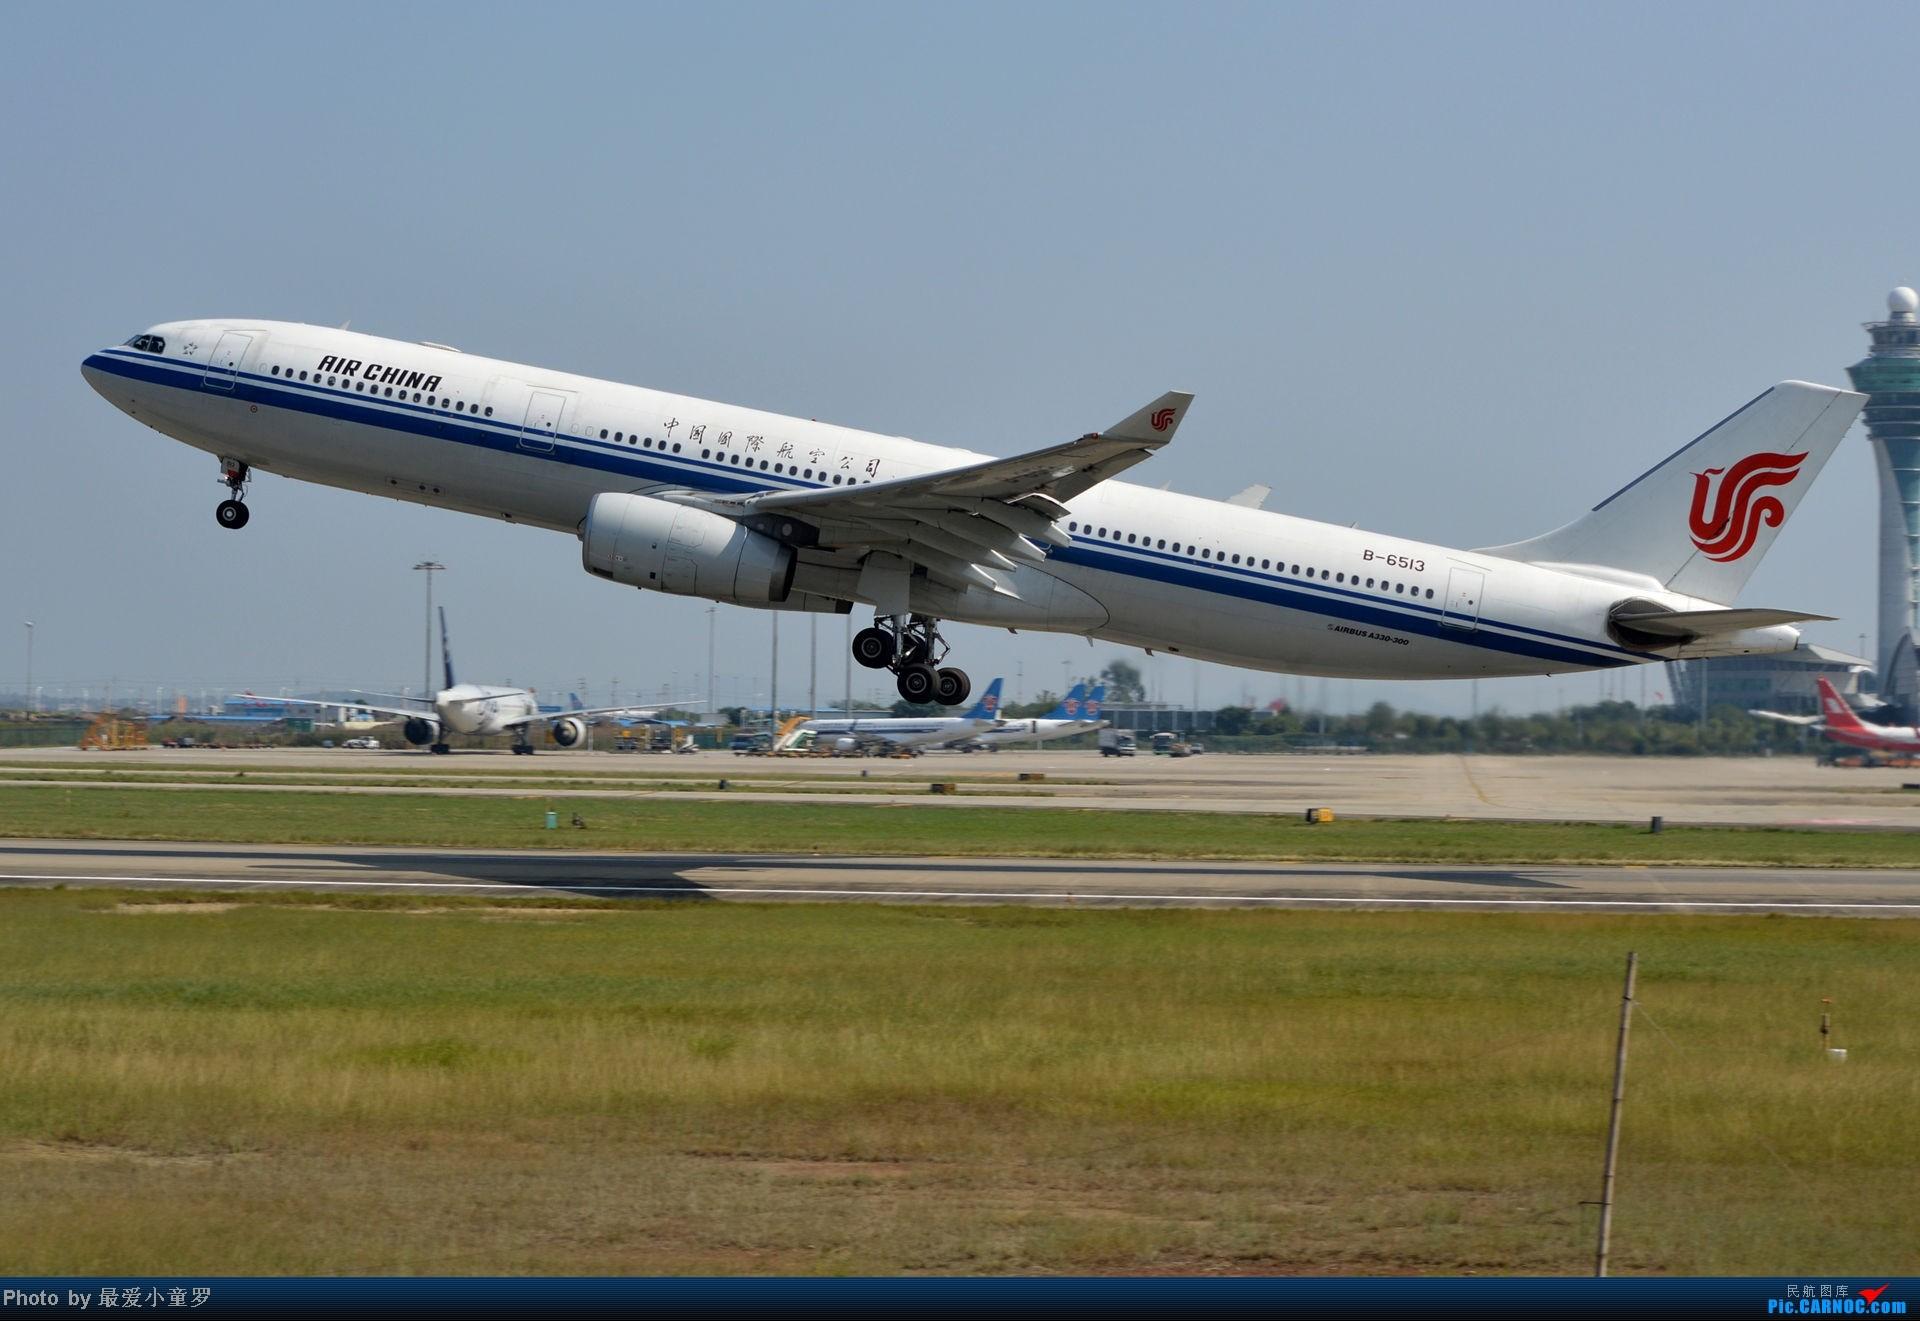 Re:[原创]老图系列,13年11月15日广州白云机场西跑拍机 AIRBUS A330-300 B-6513 中国广州白云机场